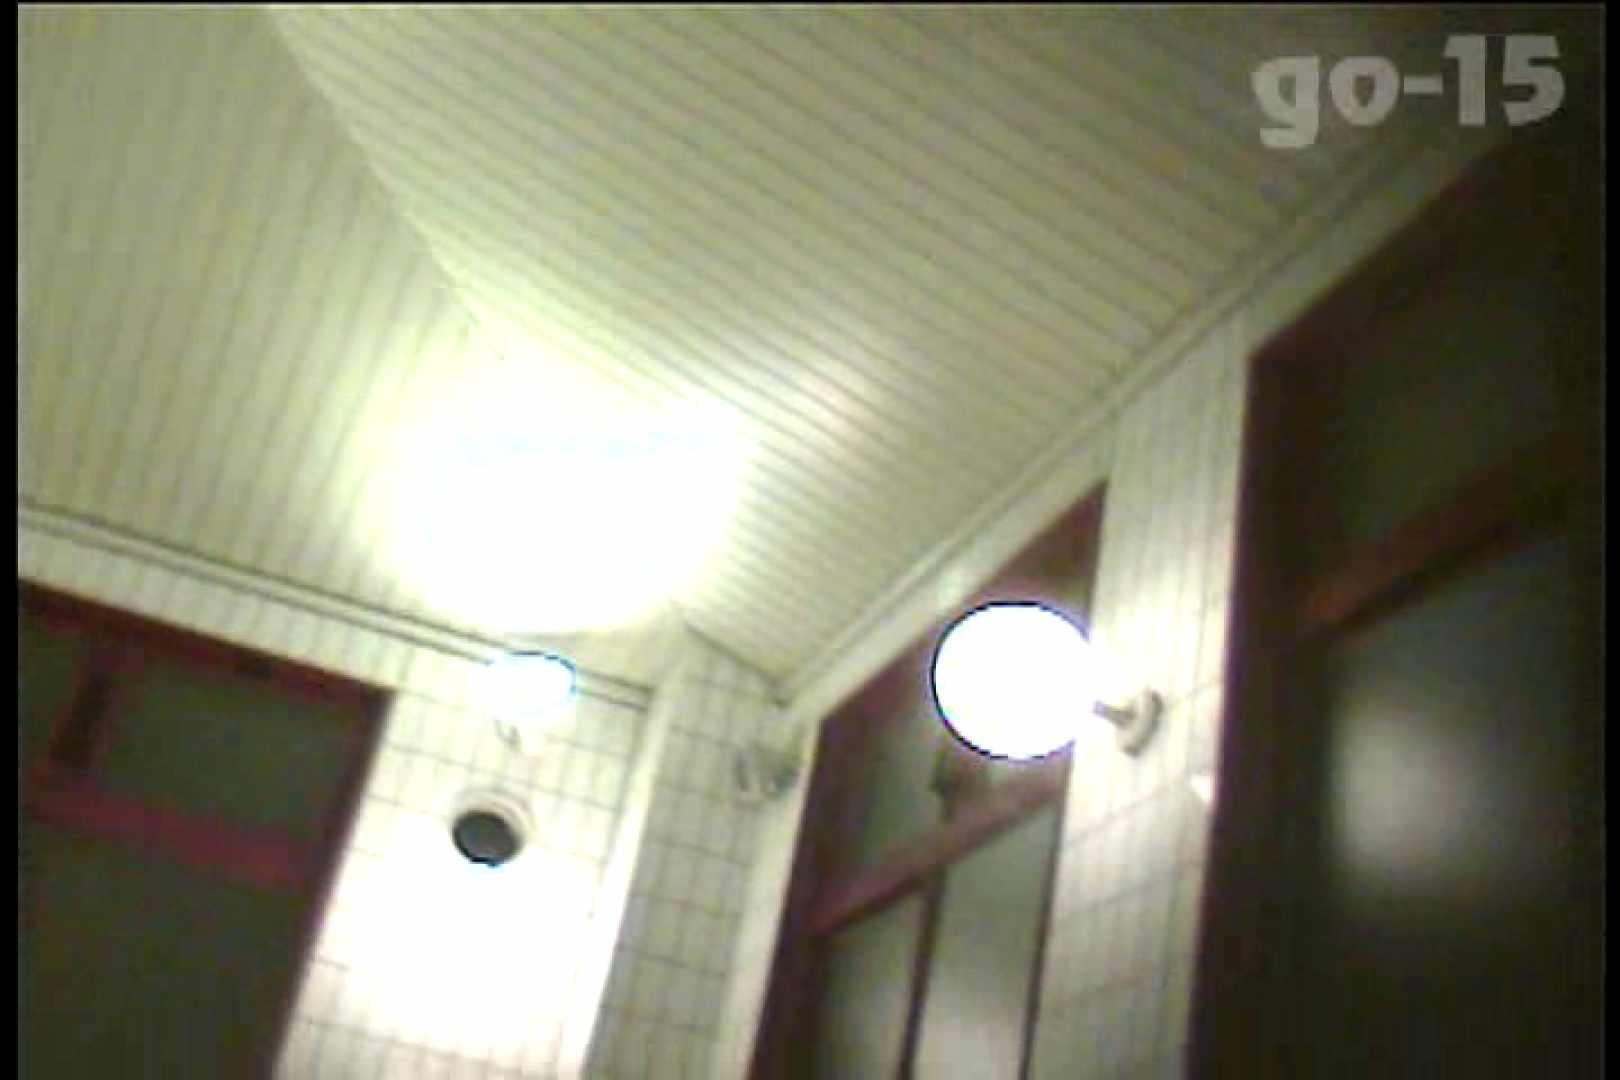 電波カメラ設置浴場からの防HAN映像 Vol.15 OLハメ撮り  33Pix 14